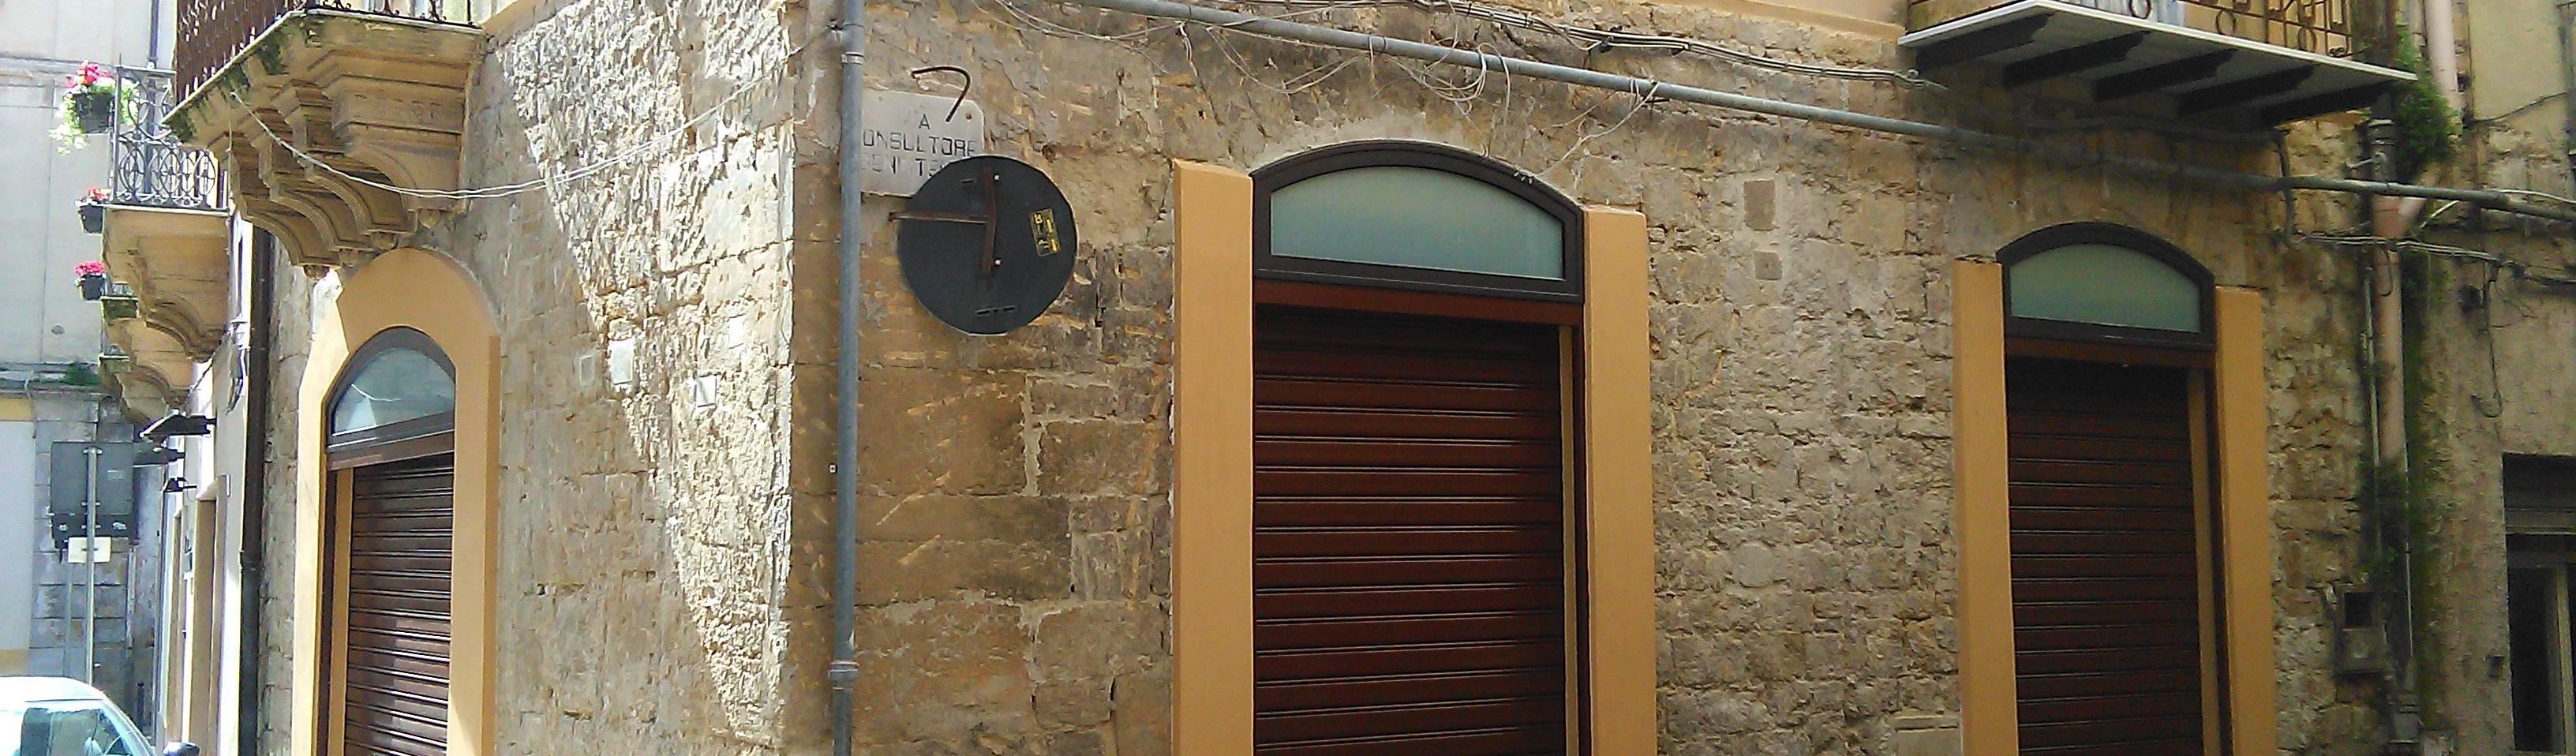 Studio GD Architettura & Design (Arch. Giovanni Di Carlo)